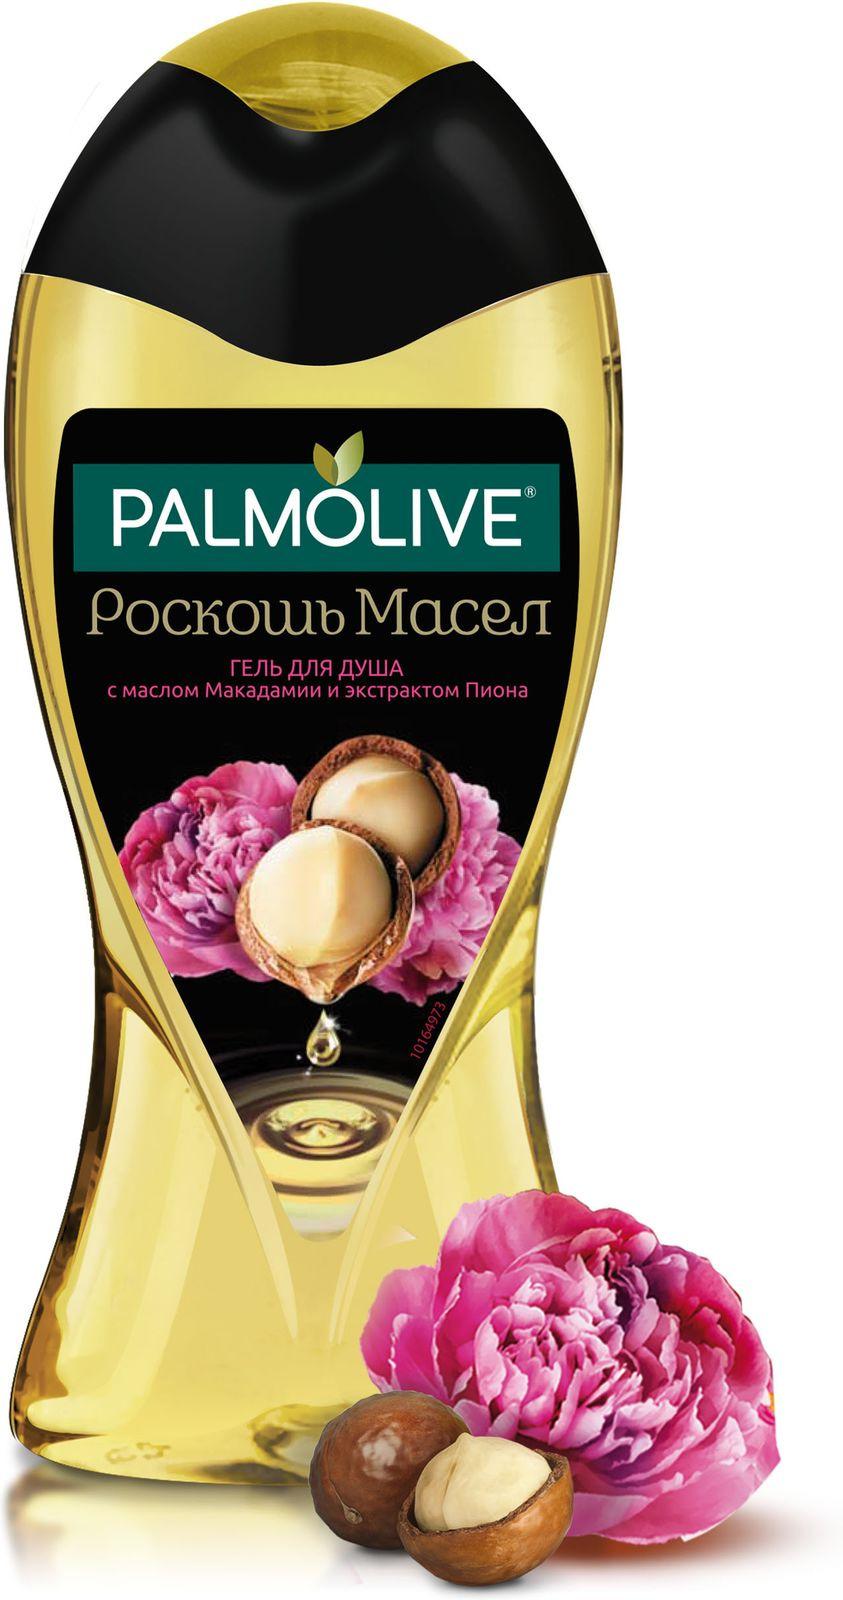 Palmolive Гель для душа Роскошь Масел с маслом Макадамии и экстрактом Пиона 250мл подарочный набор для женщин palmolive роскошь масел с маслом макадамии